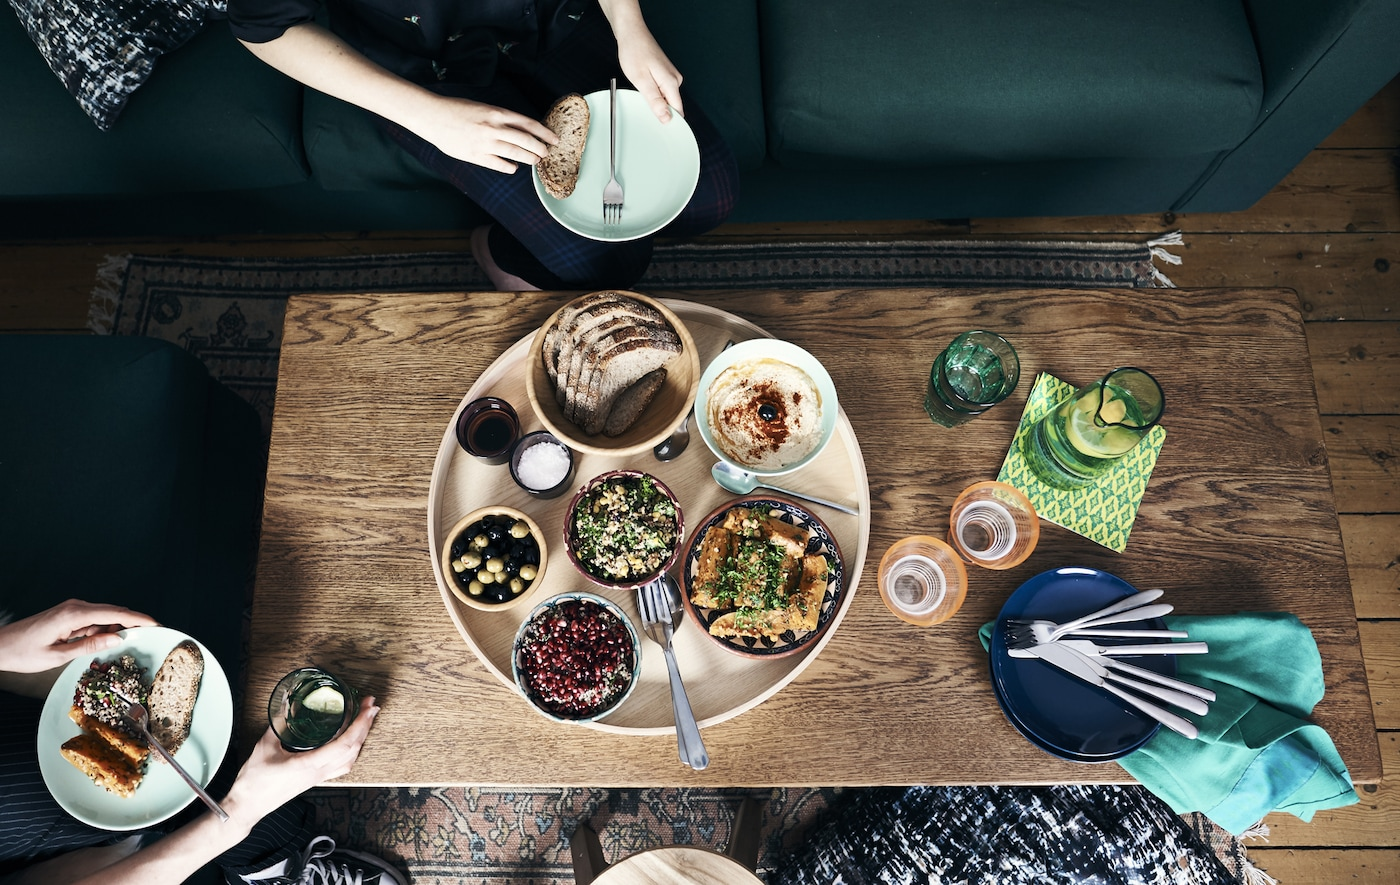 Plano cenital de gente disfrutando de una comida de estilo marroquí servida en una mesa de centro.